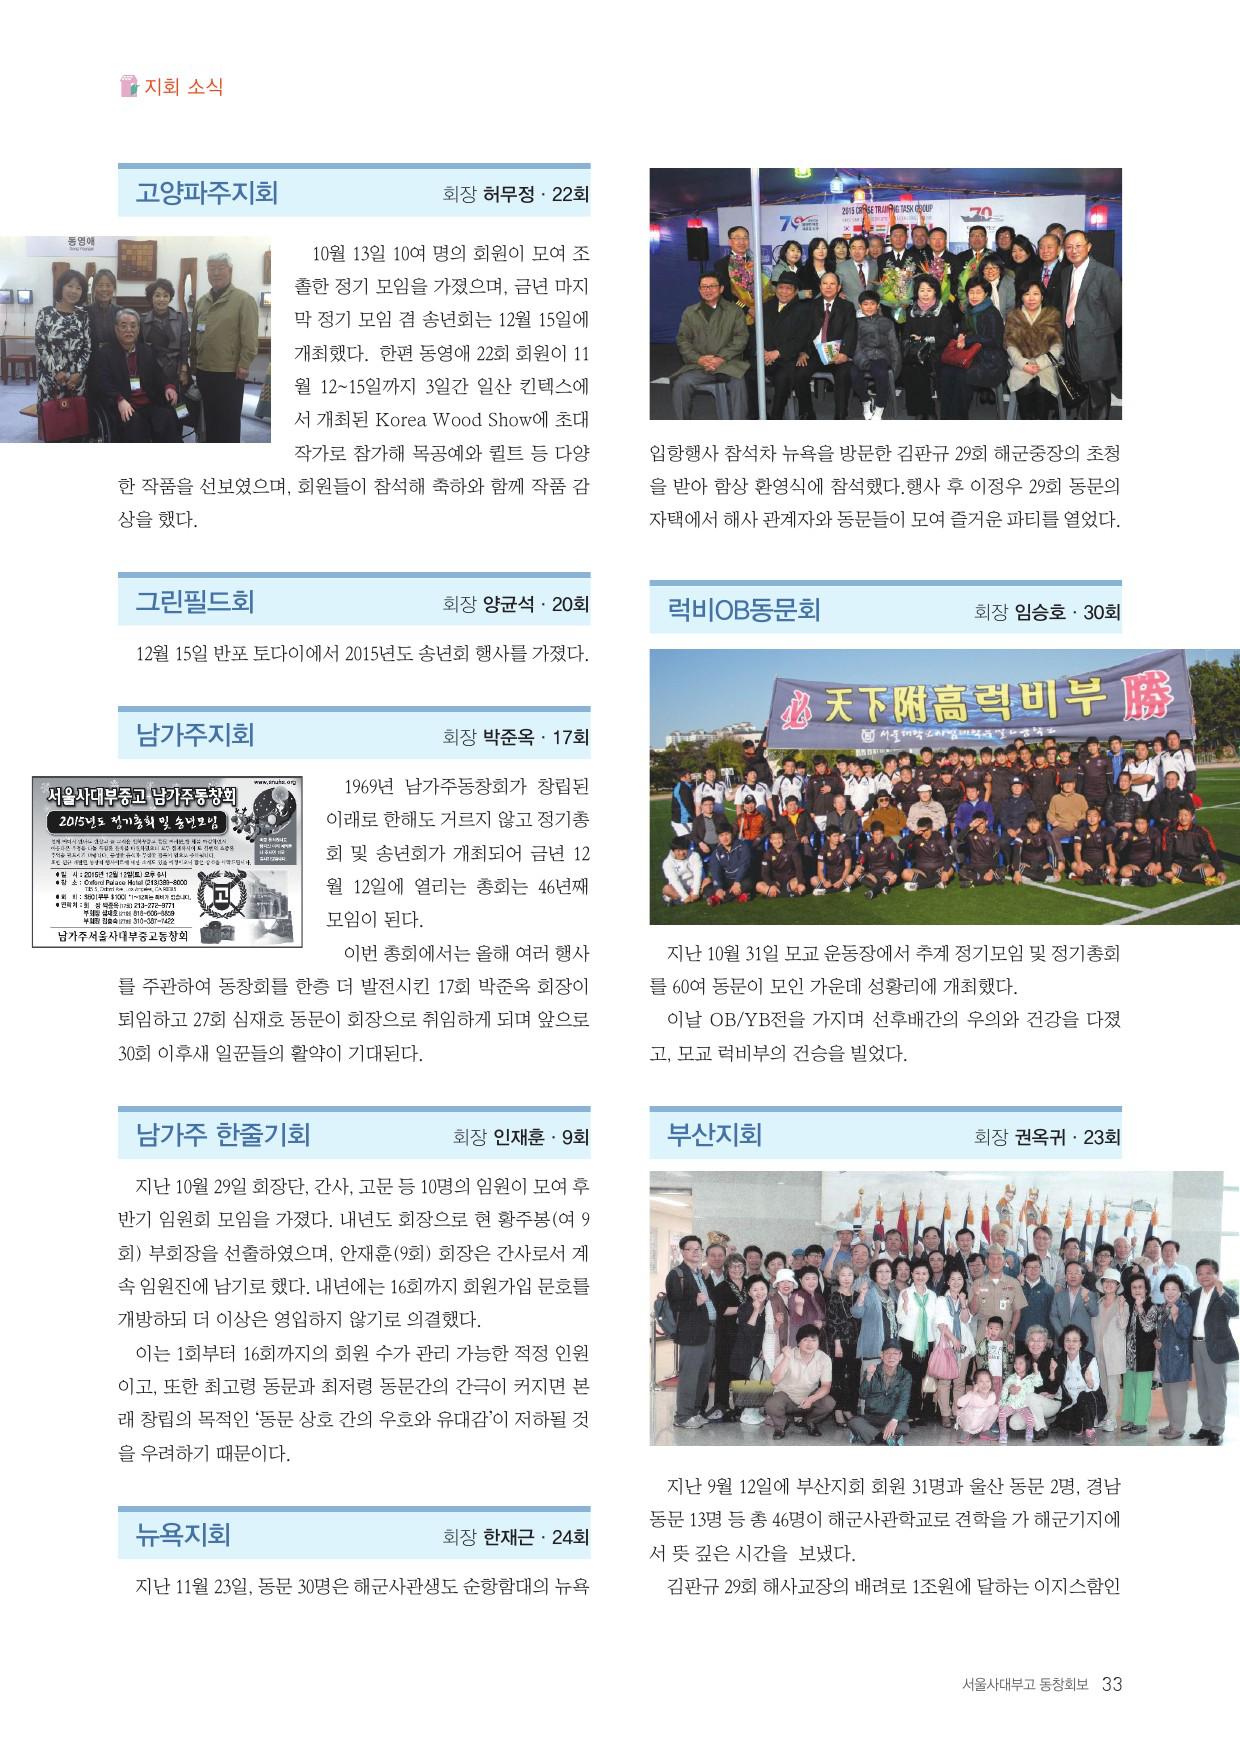 서울사대부고동창회보33.png